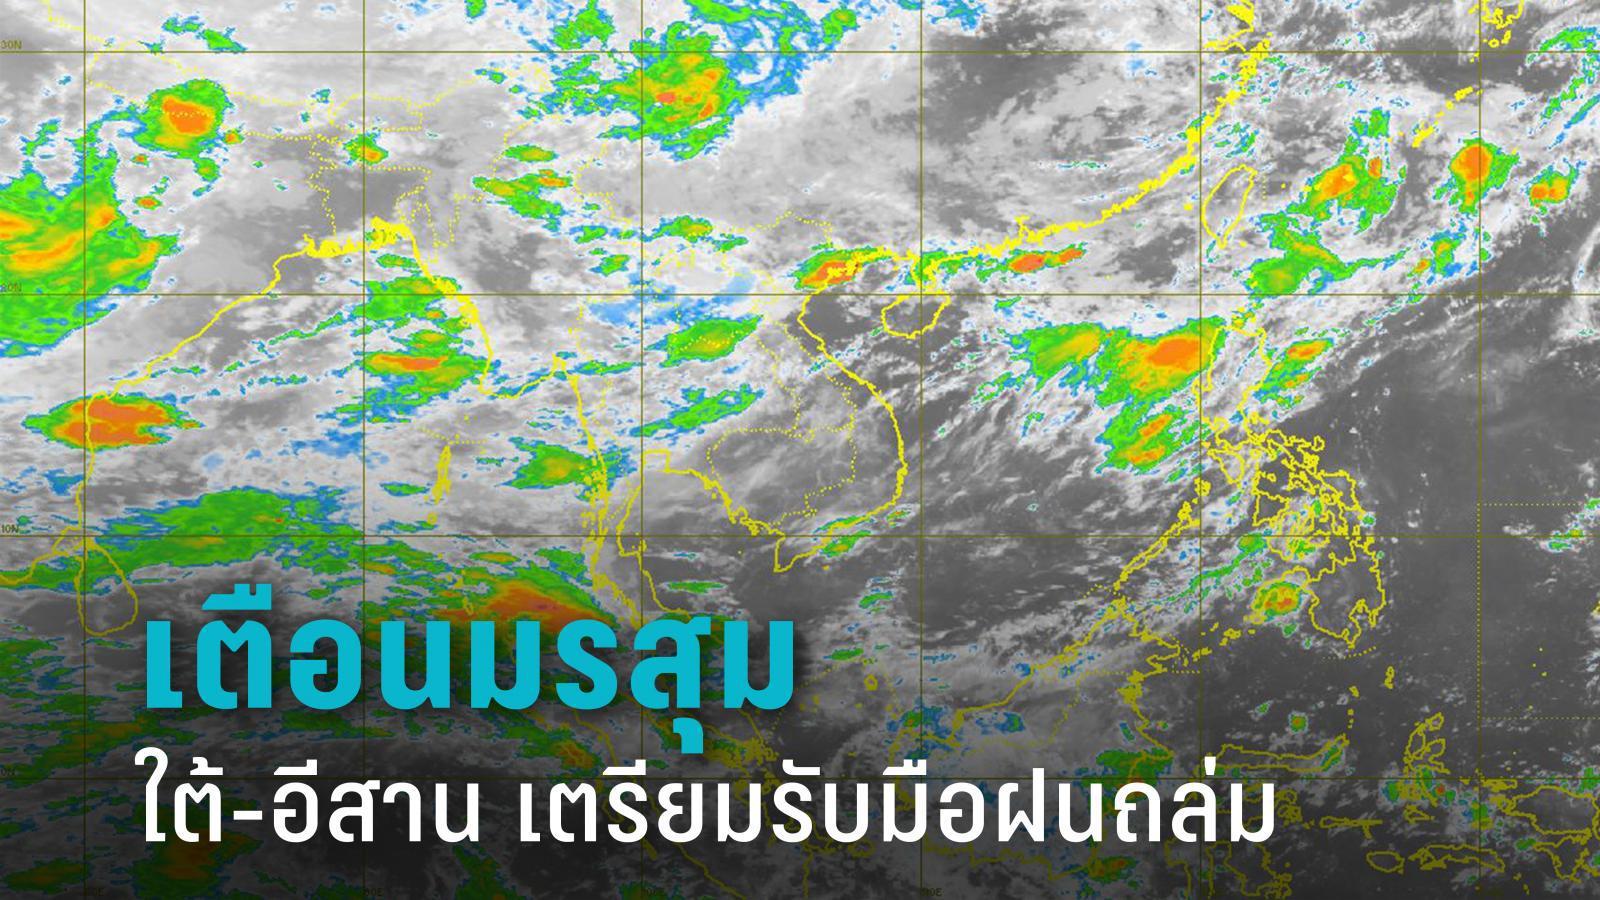 กรมอุตุฯ เตือน ใต้-อีสาน เตรียมรับมือฝนถล่ม กทม.ฟ้าคะนอง 10% โดนบ่ายถึงค่ำ